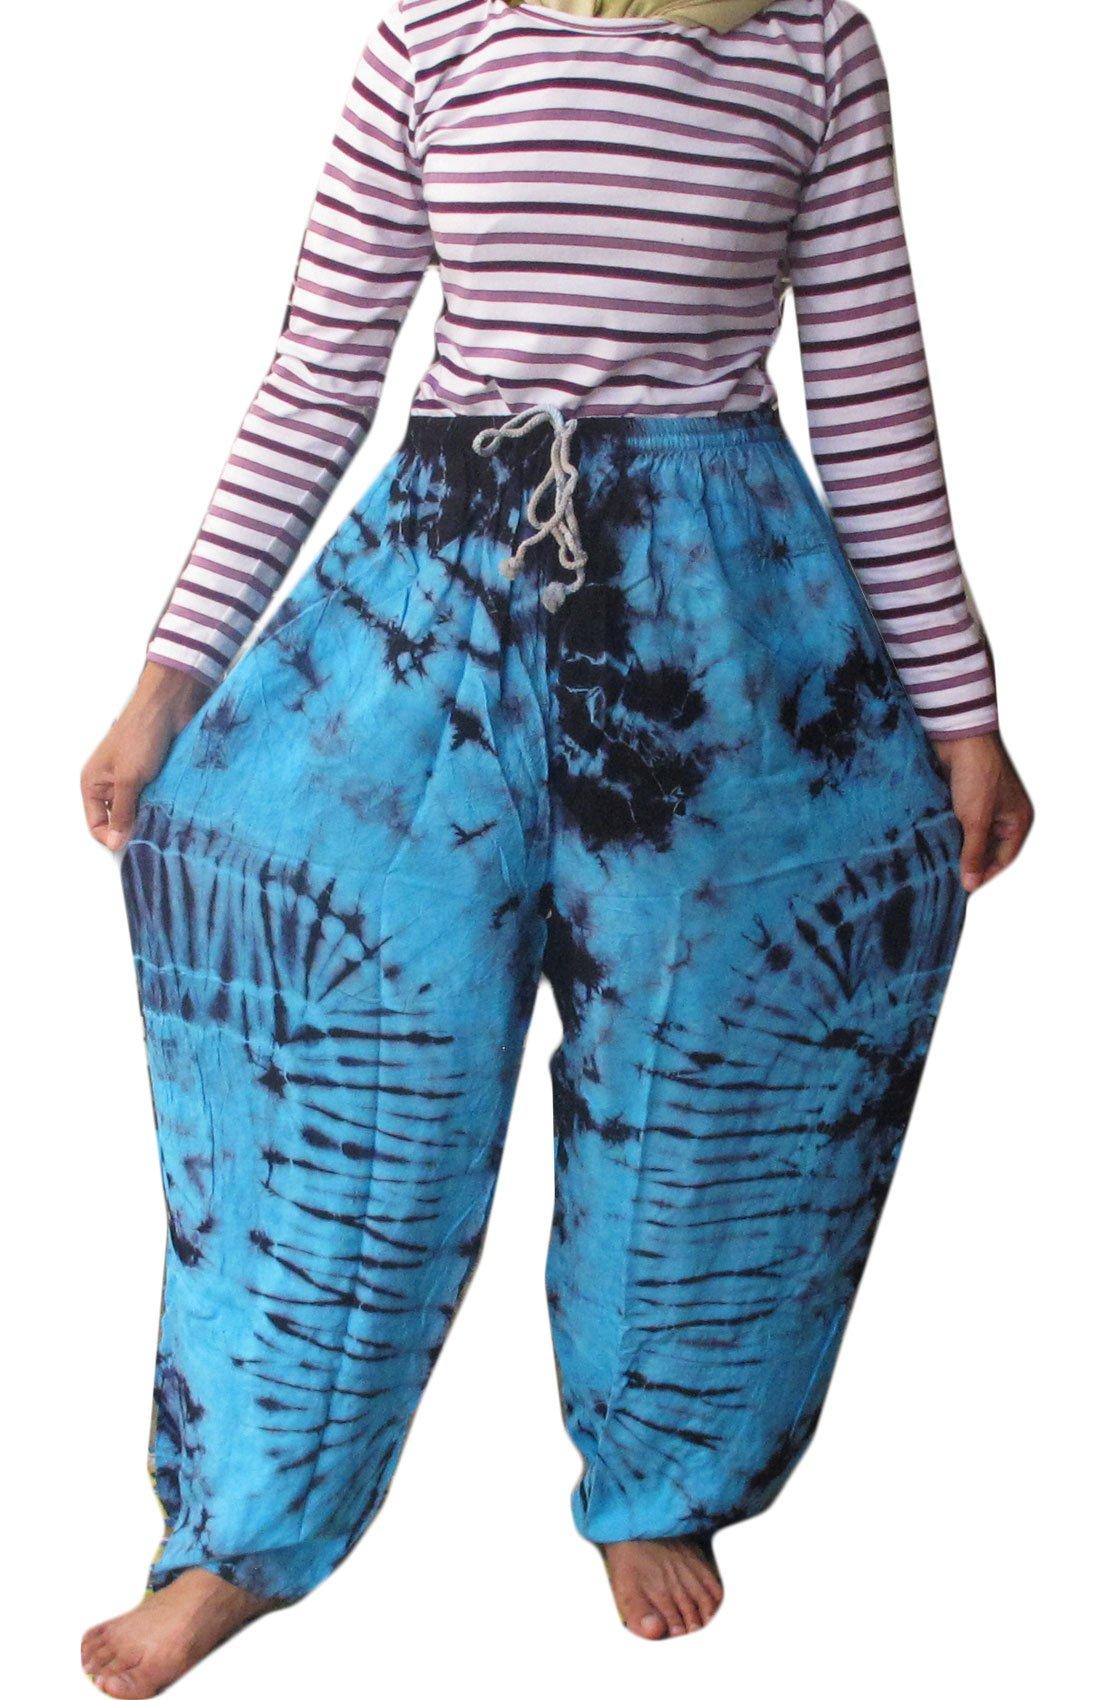 Relaxation Cotton Rayon Tie Dye Fisherman Yoka Pants Hippie Baggy